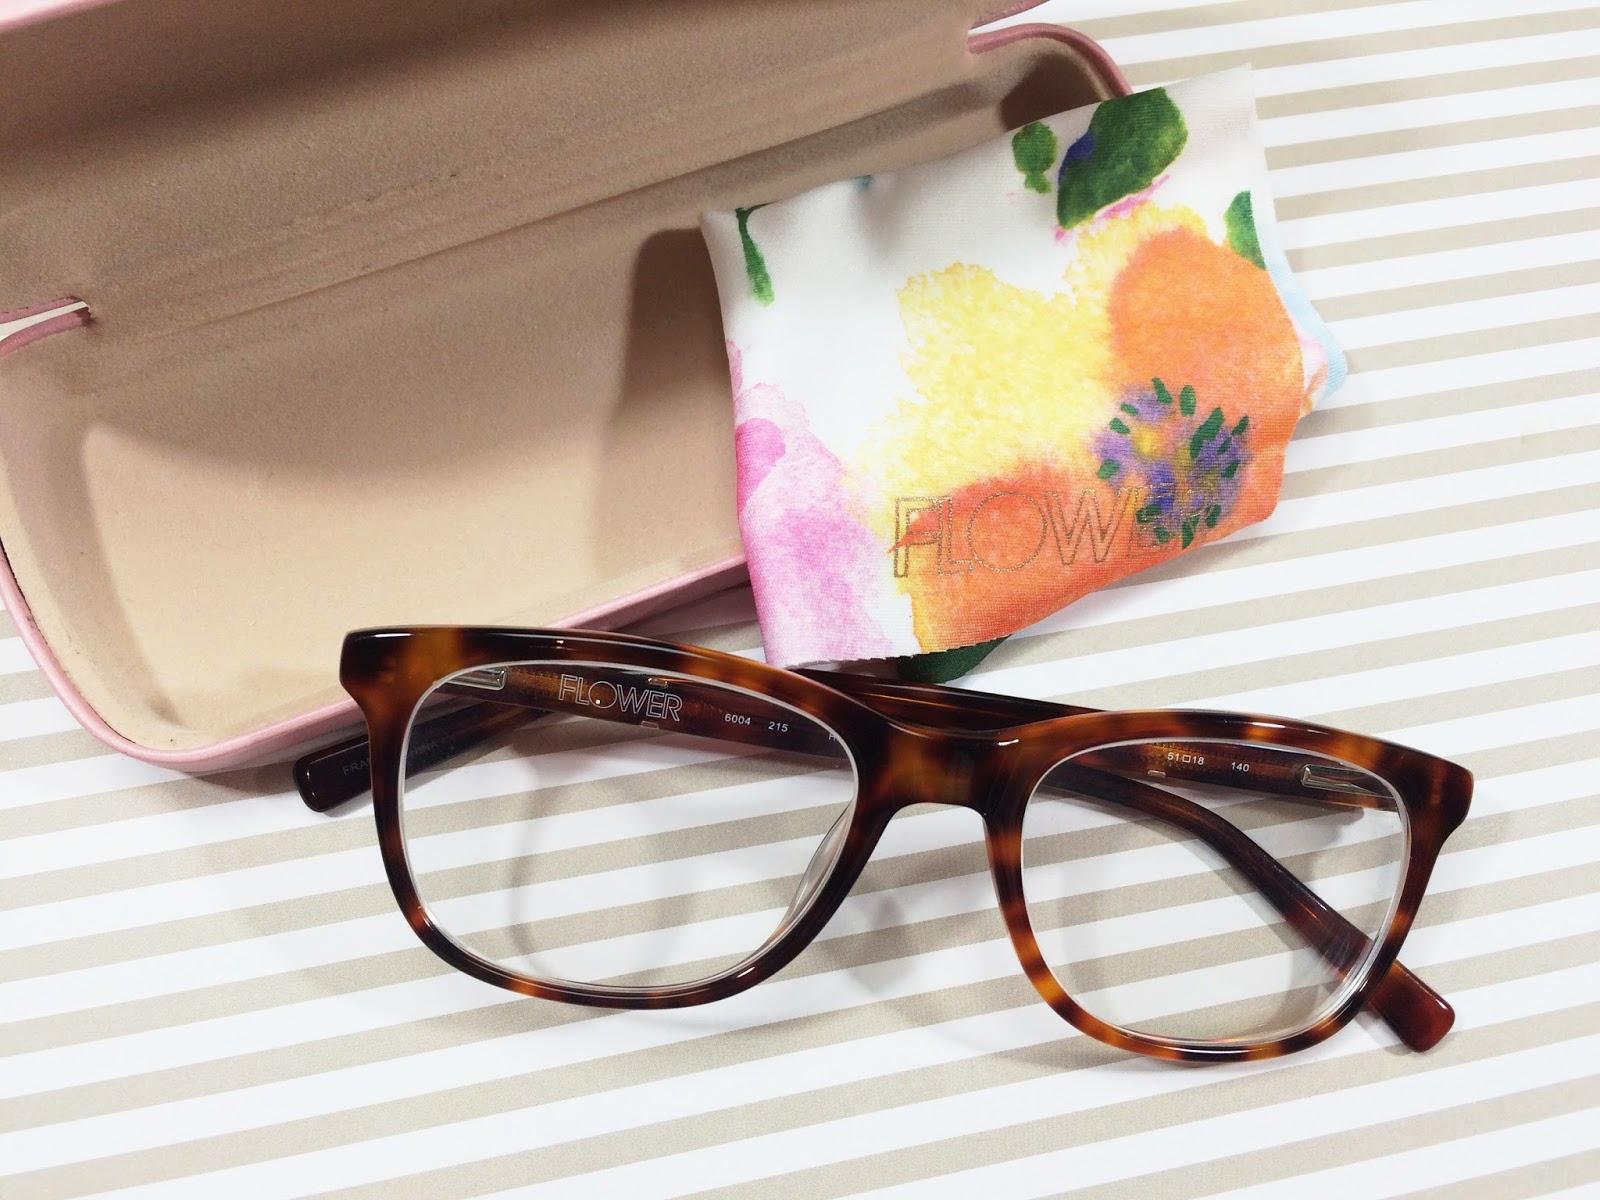 five sixteenths blog: Trend Tuesday // FLOWER Eyewear Review